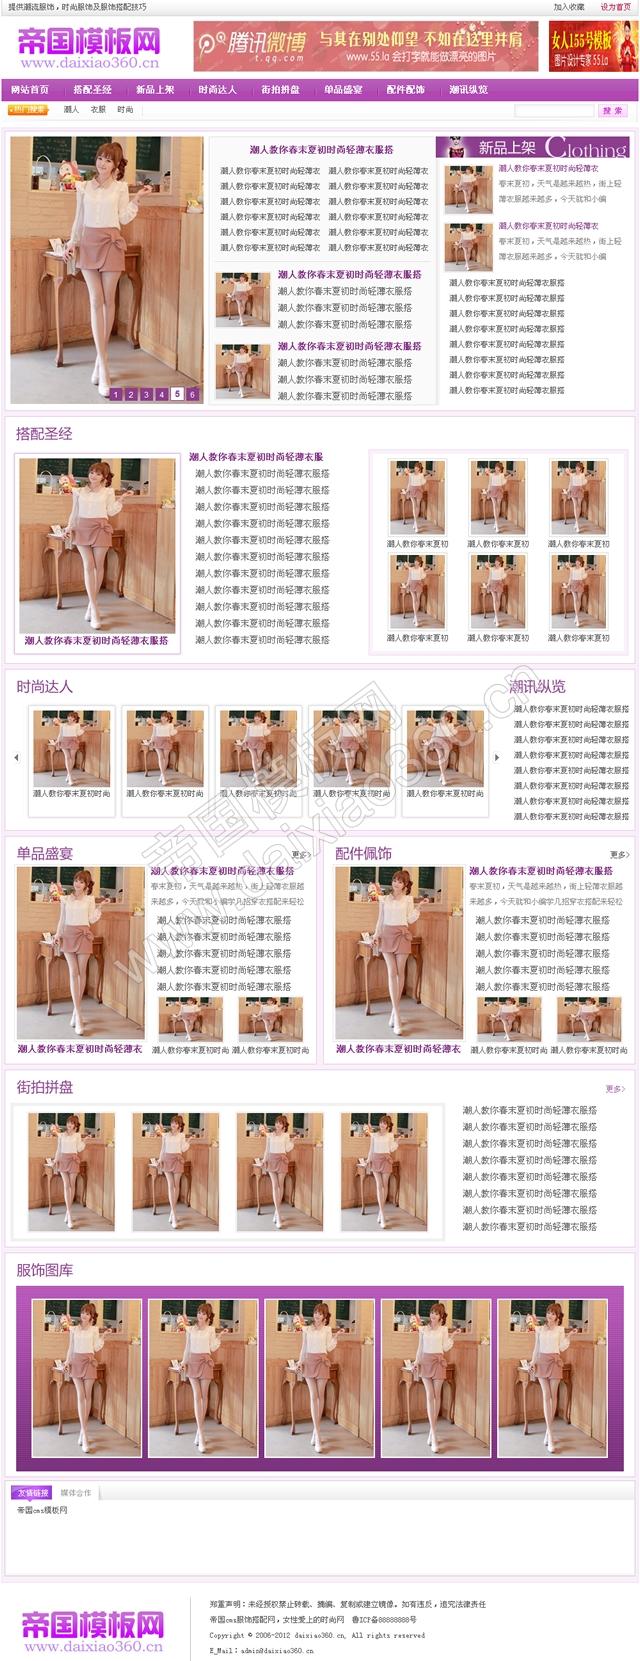 帝国cms紫色大气女性服饰搭配网站程序模板_首页